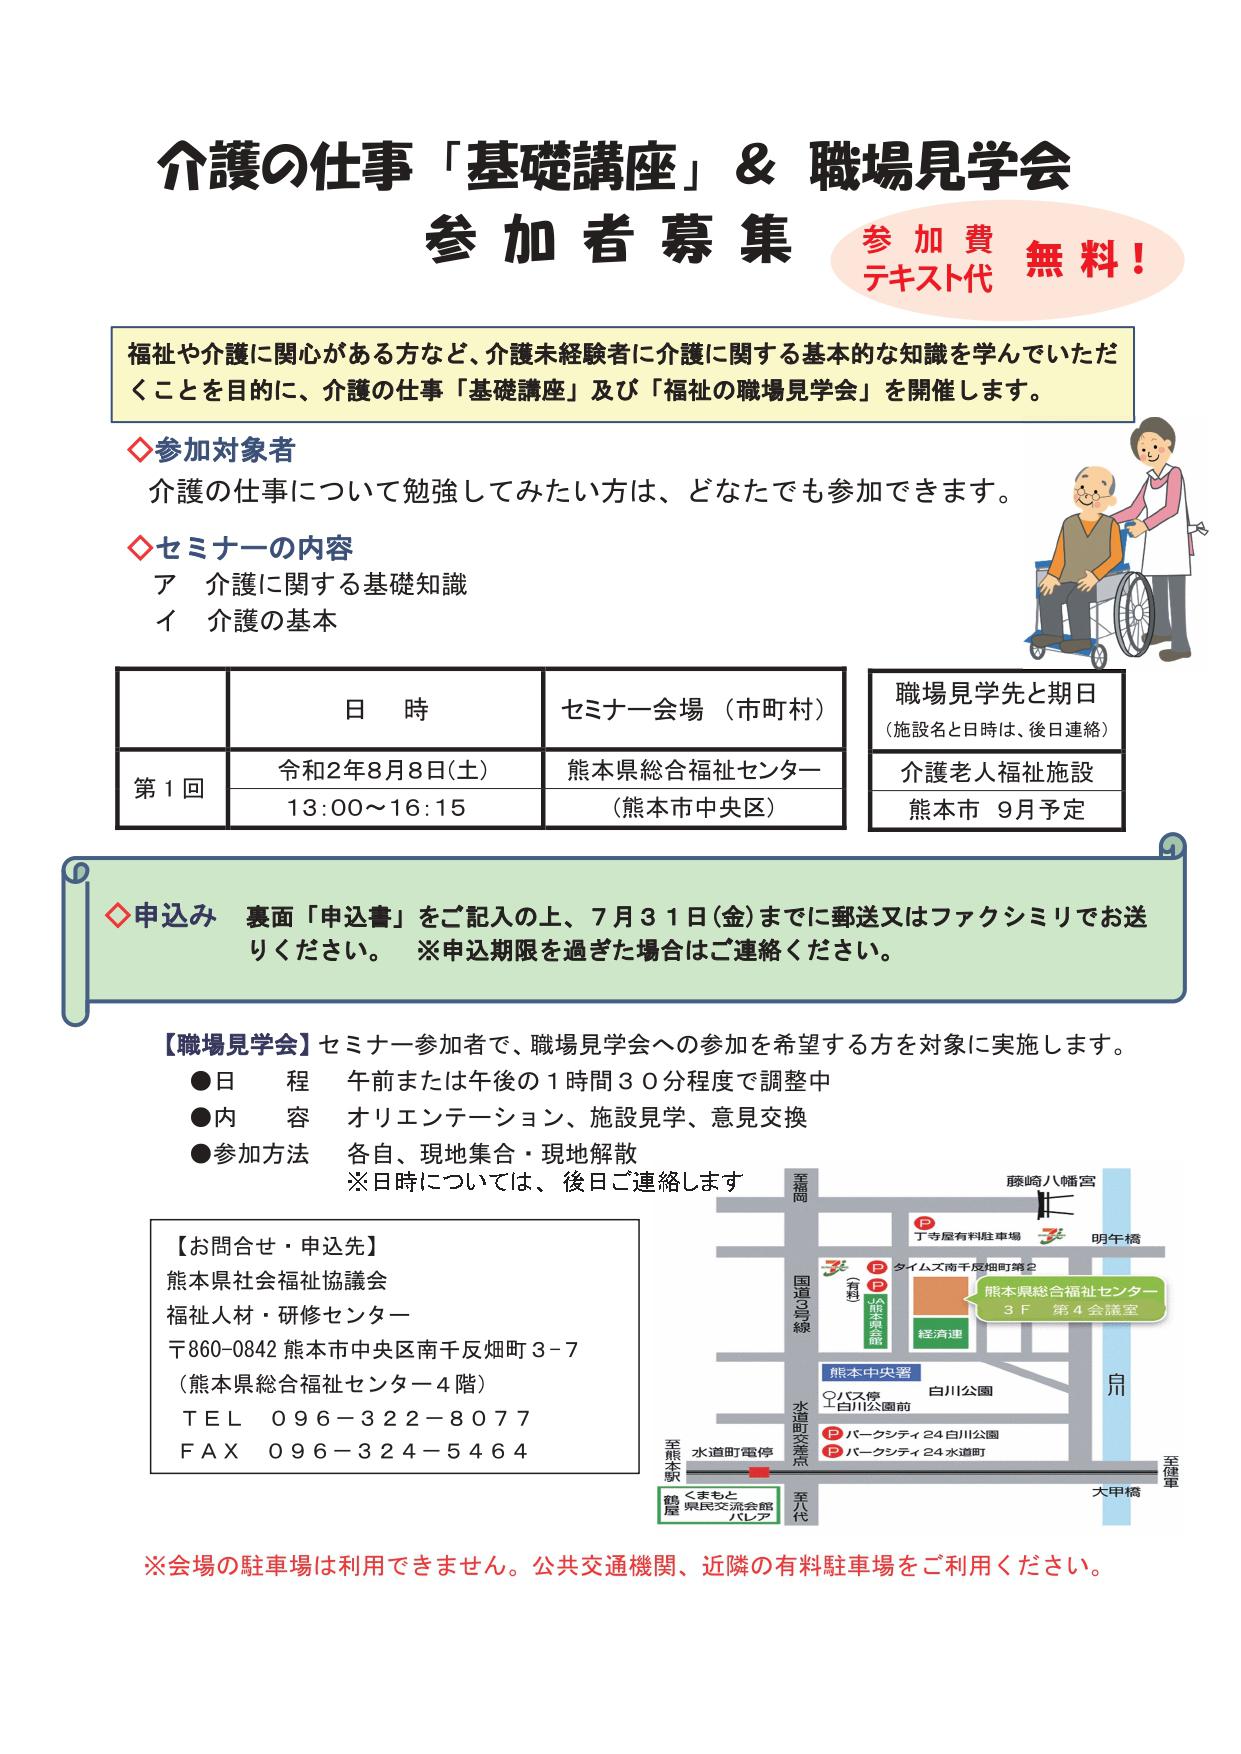 https://kumamoto.onestop-job.jp/d40271f482cbdd6a98f485a764cf20314dec24d8.png